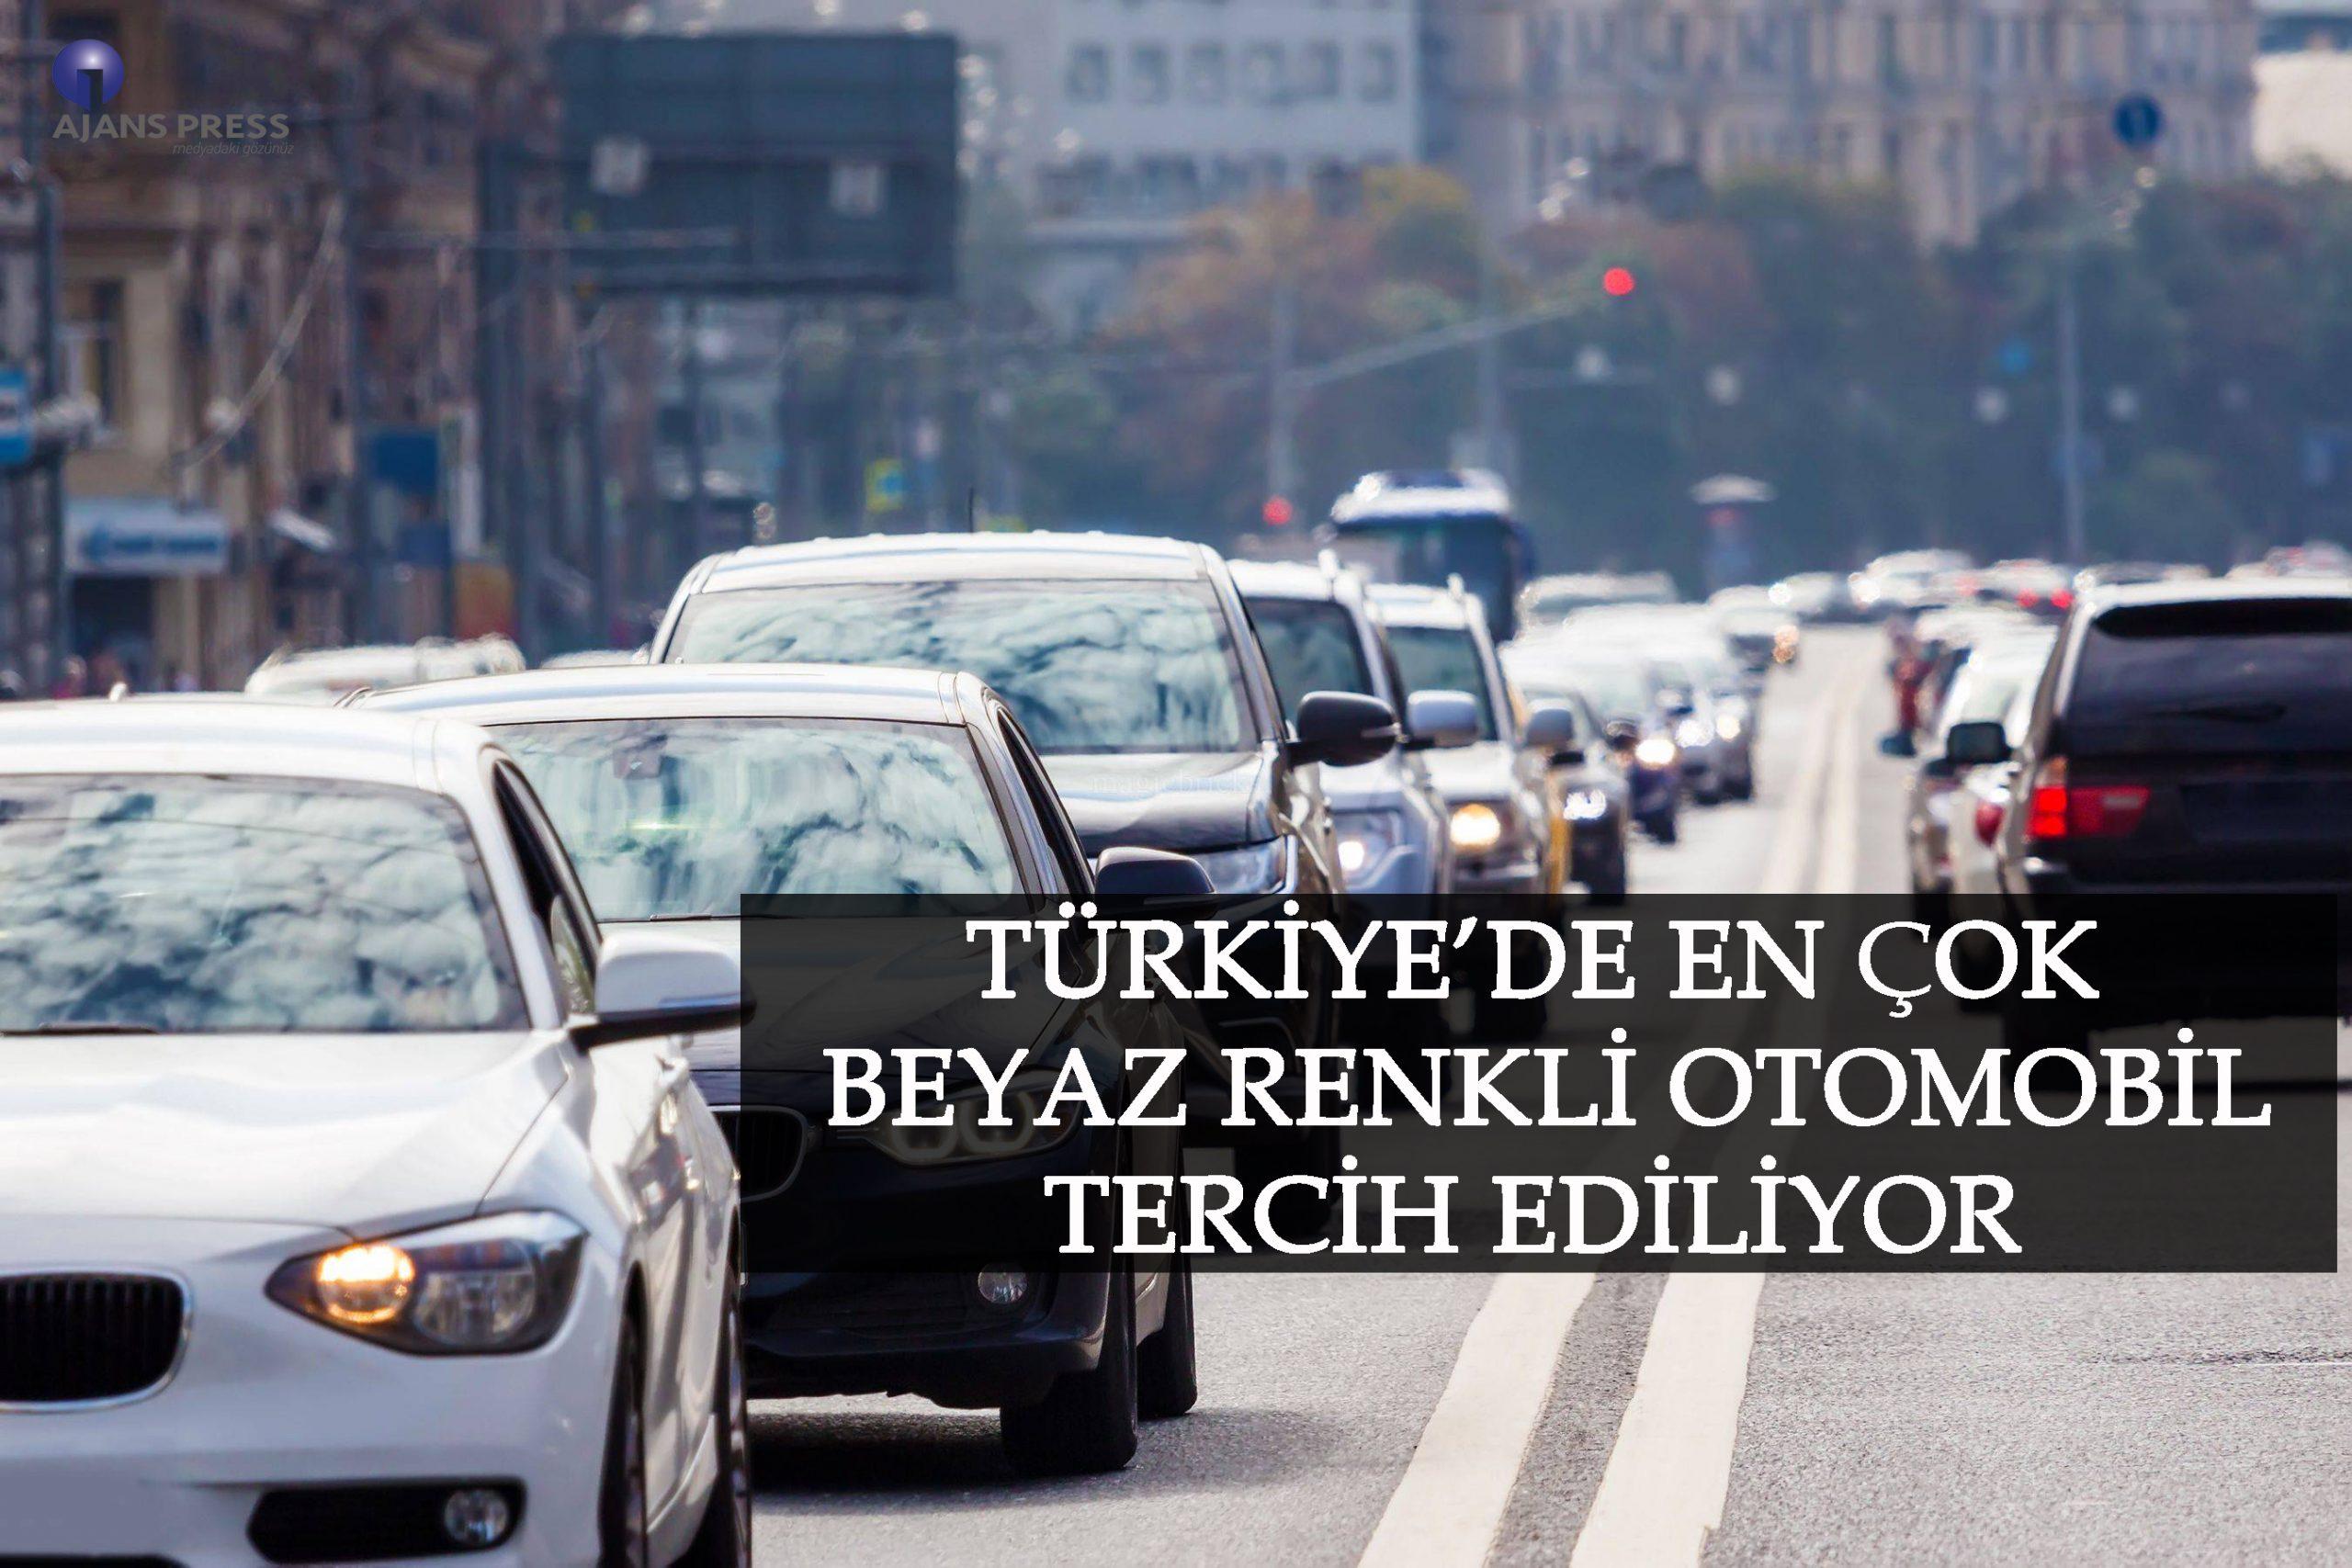 TÜRKİYE'DE EN ÇOK BEYAZ RENKLİ OTOMOBİL TERCİH EDİLİYOR